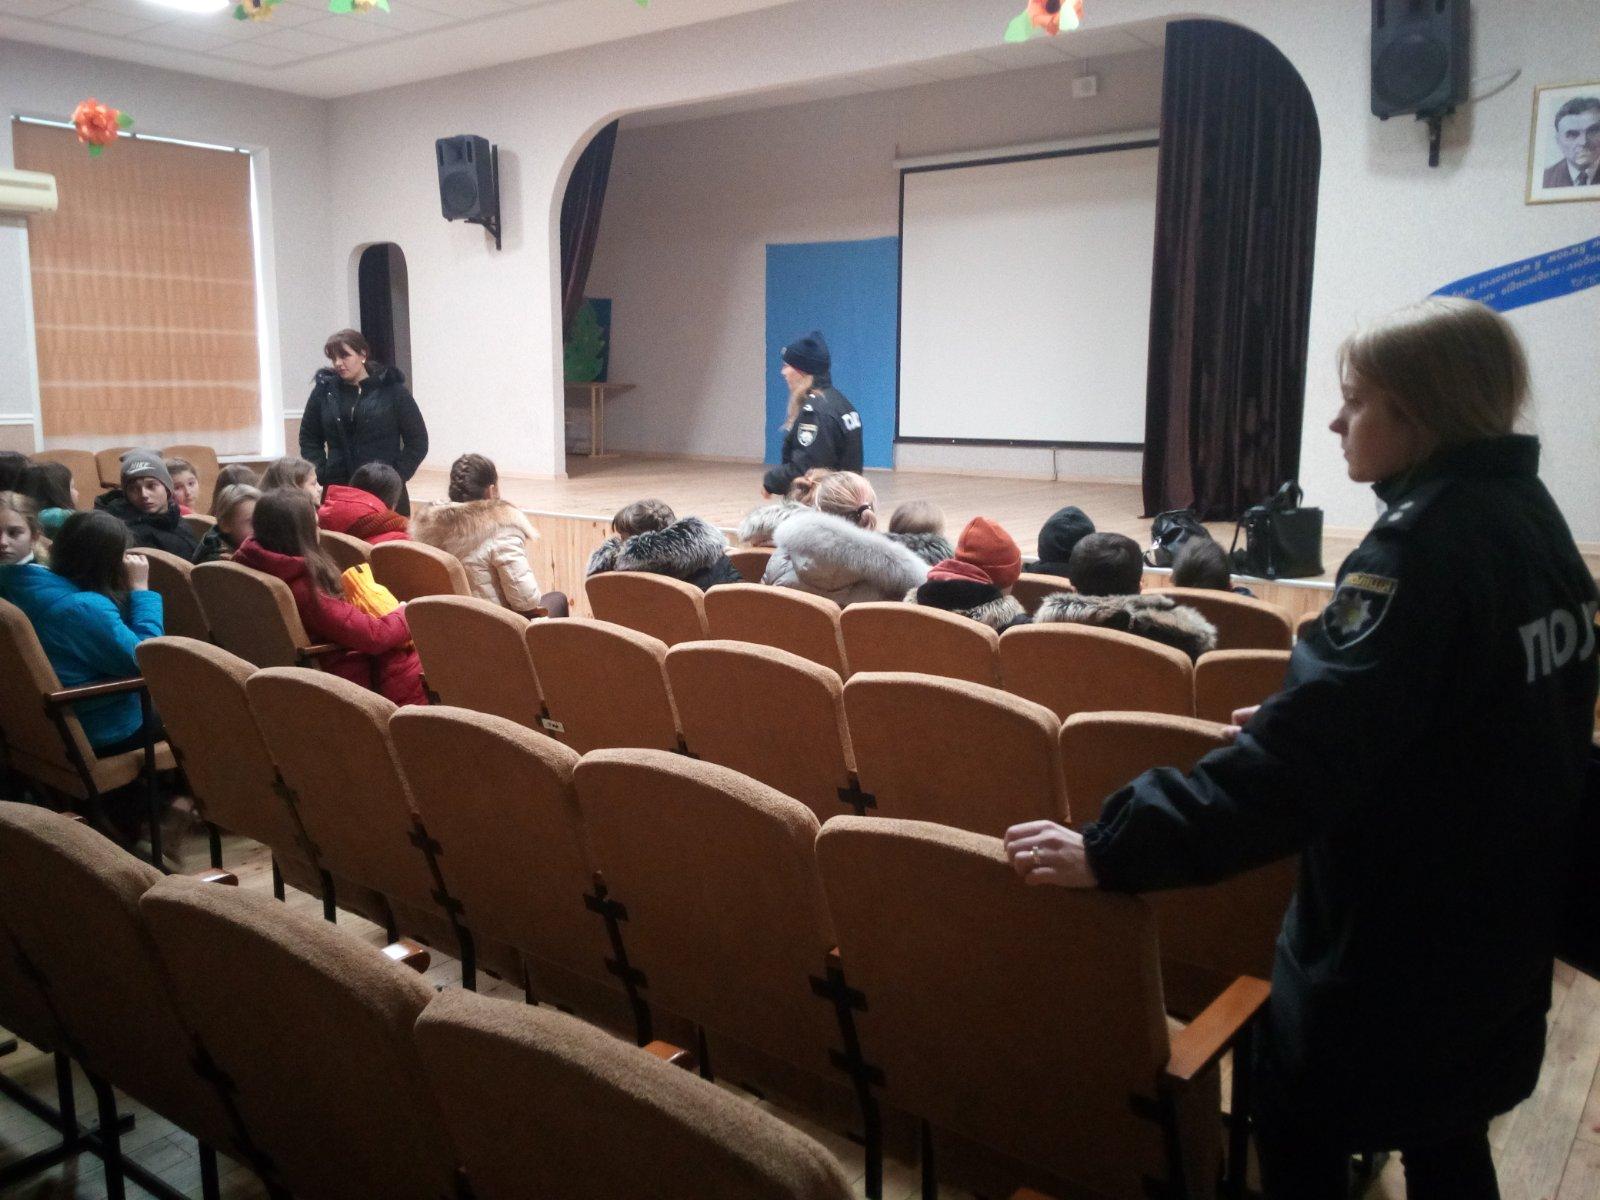 У Броварах евакуювали учнів та вчителів школи №2 -  - IMG 710dabc1334db85e0128df0f70652934 V